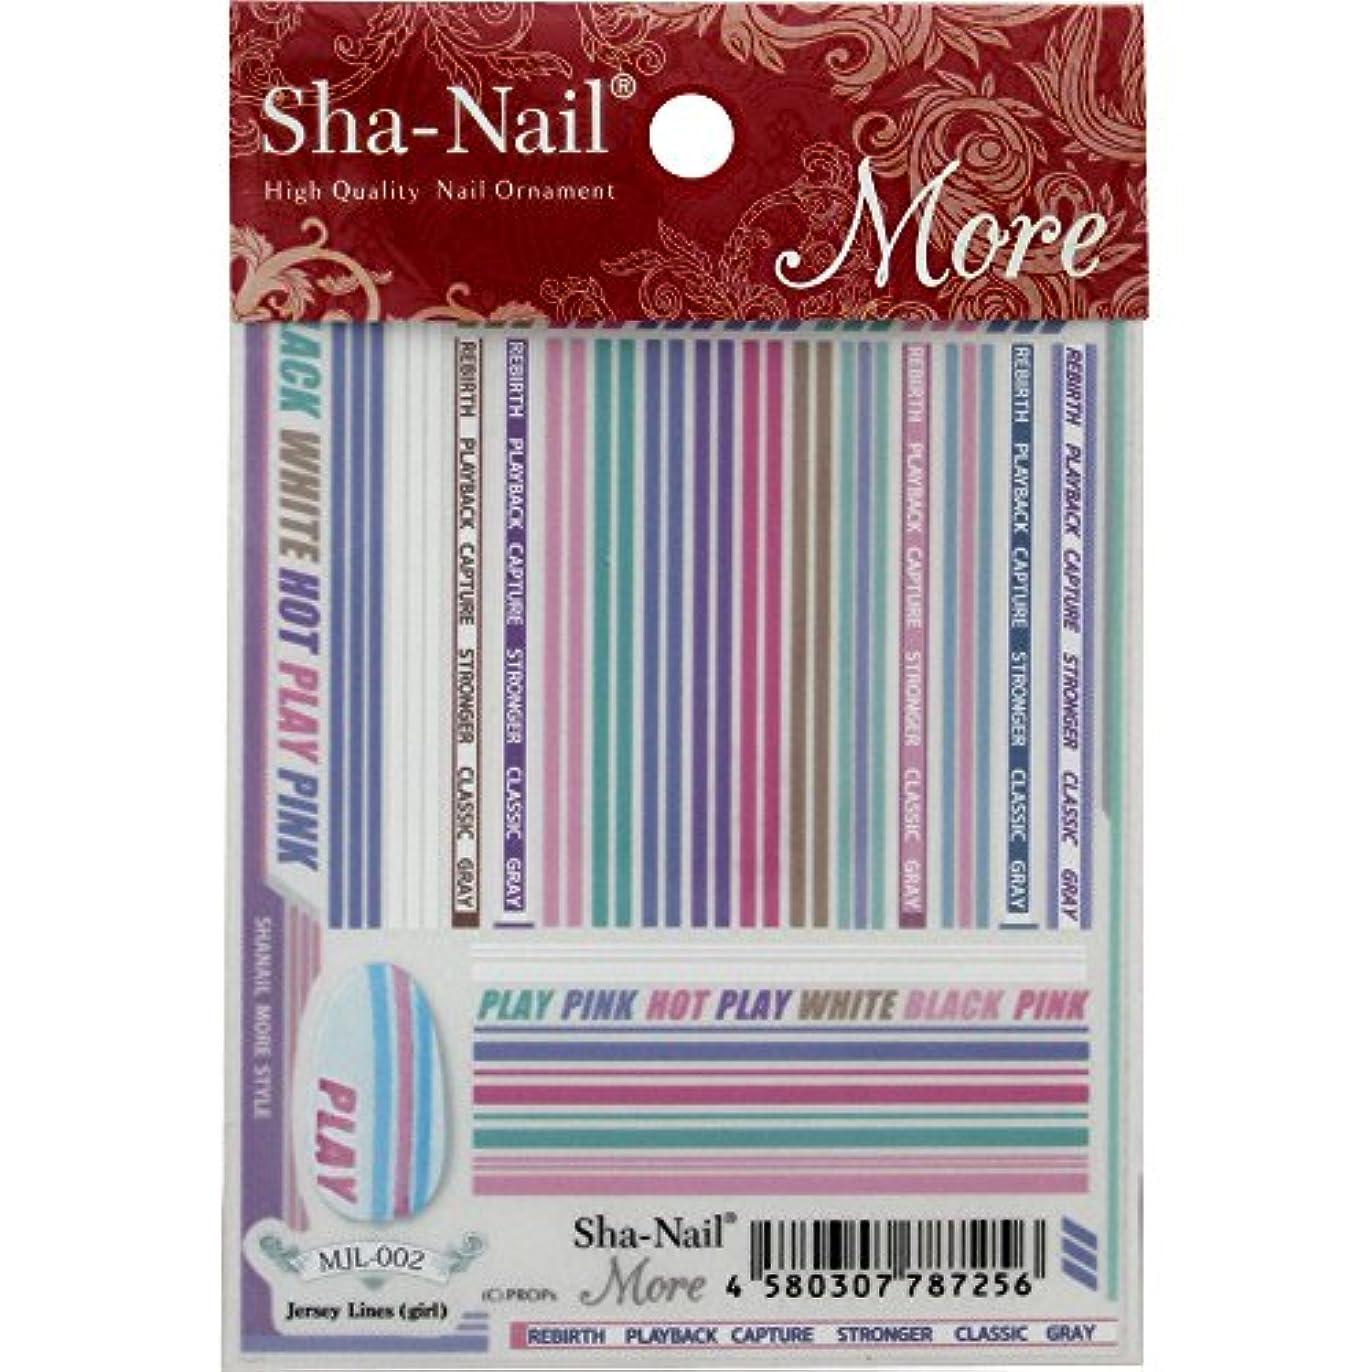 Sha-Nail More ネイルシール ジェージライン (ガール)